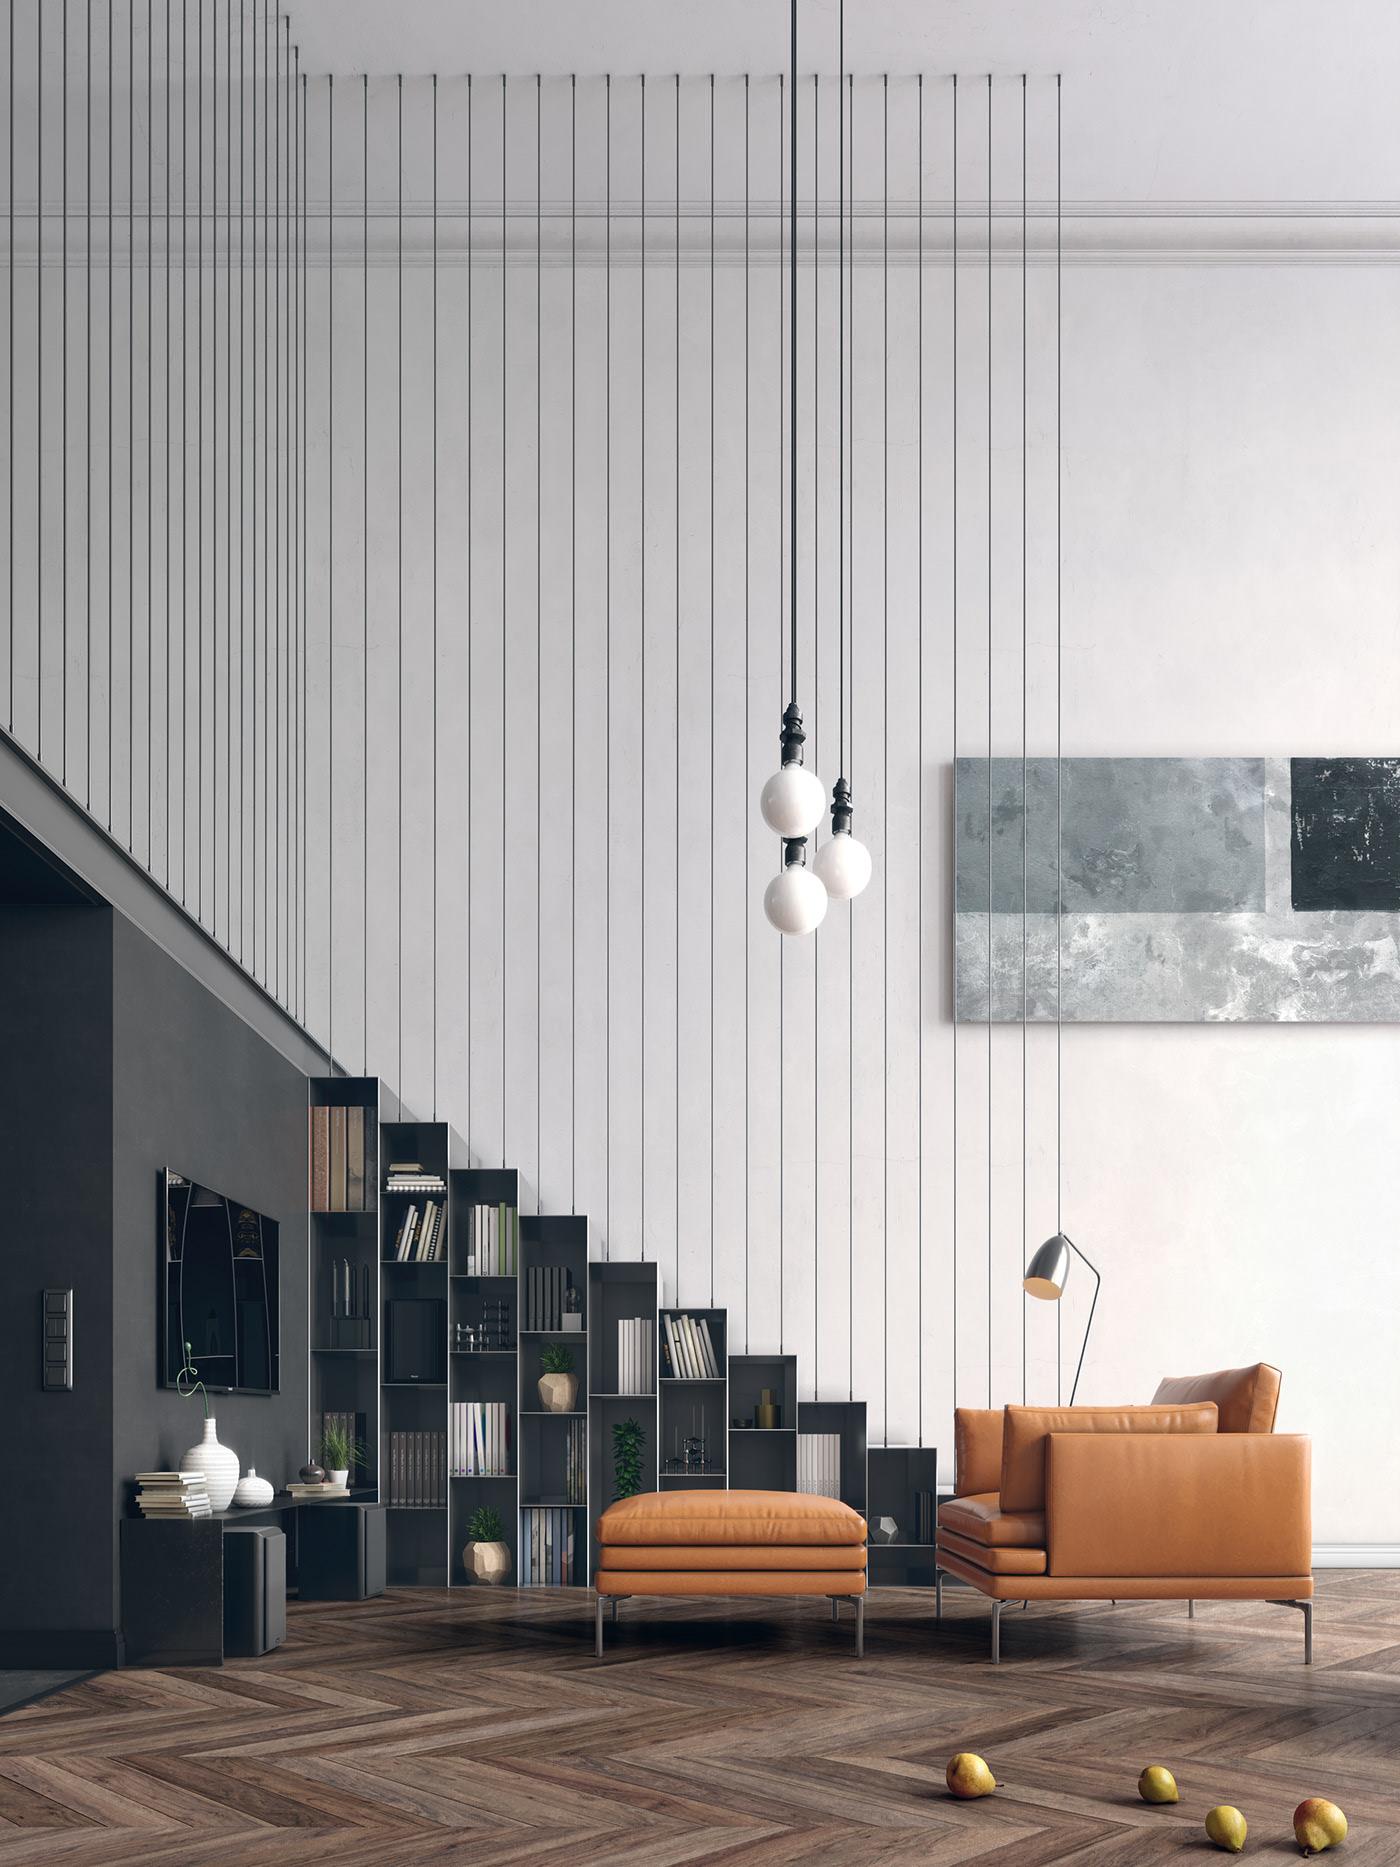 Căn duplex với thiết kế tối giản, hiện đại.